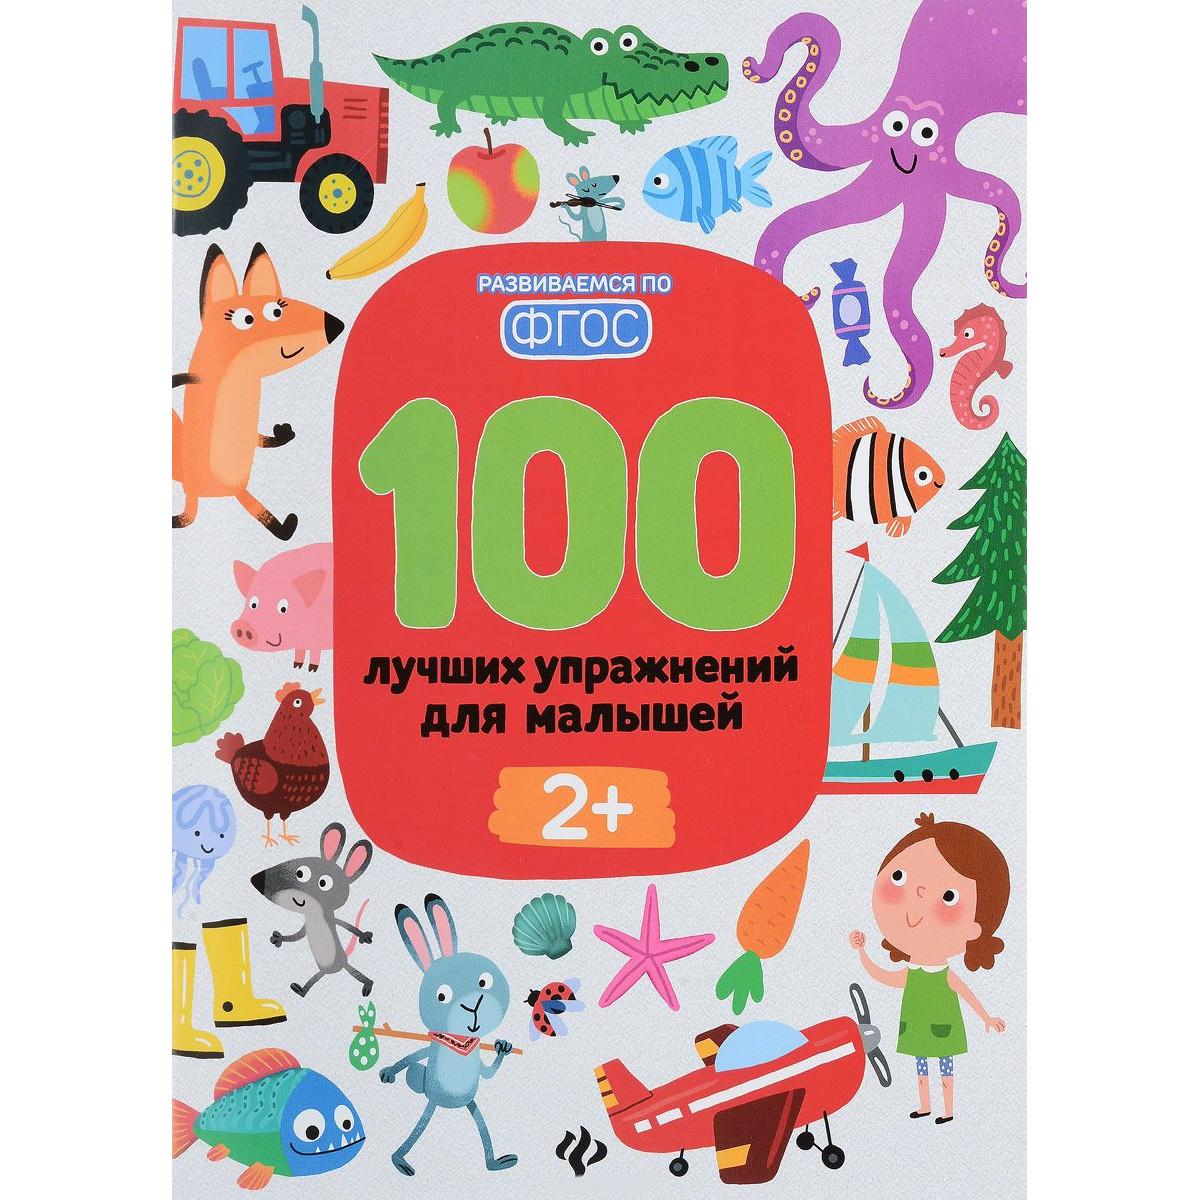 Книга - 100 лучших упражнений для малышей 2+Развивающие пособия и умные карточки<br>Книга - 100 лучших упражнений для малышей 2+<br>